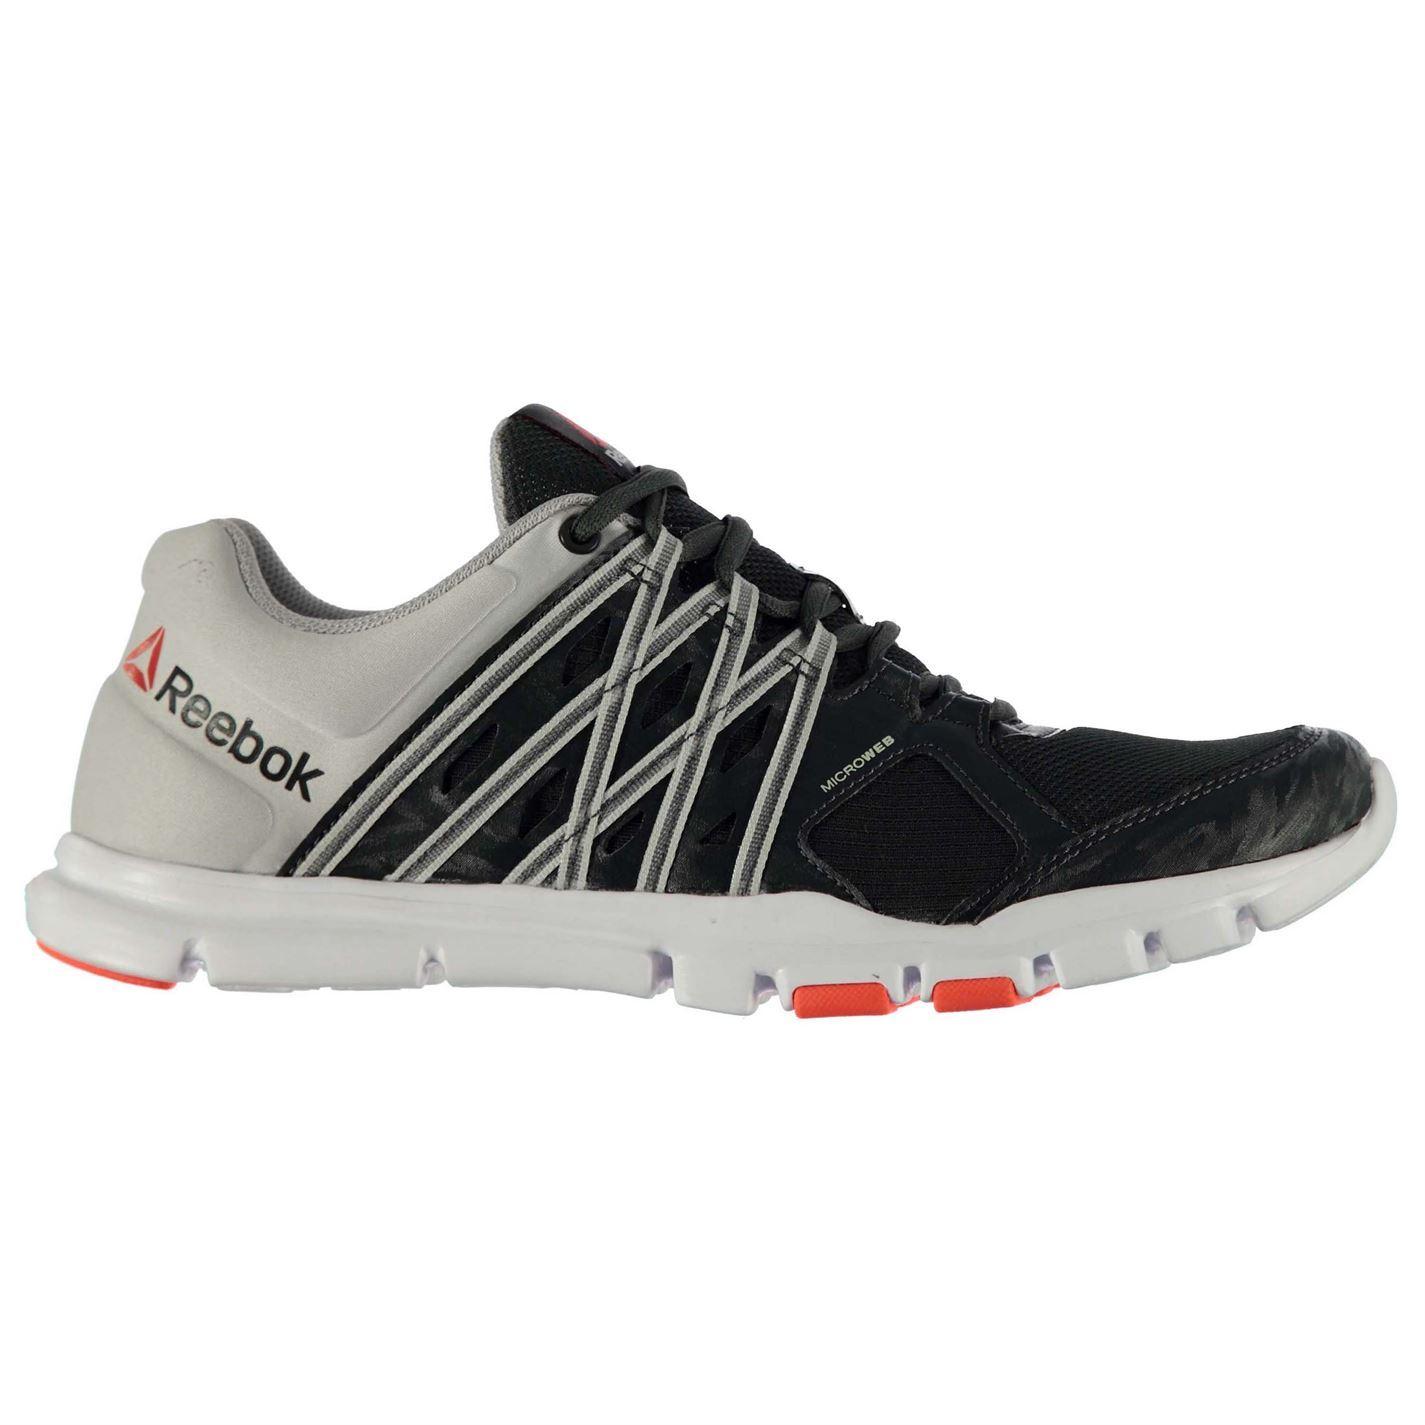 1751999de19b5 ... Reebok YourFlex 8 Trainers Mens Gravel Steel Red Sports Shoes Sneakers  Footwear ...